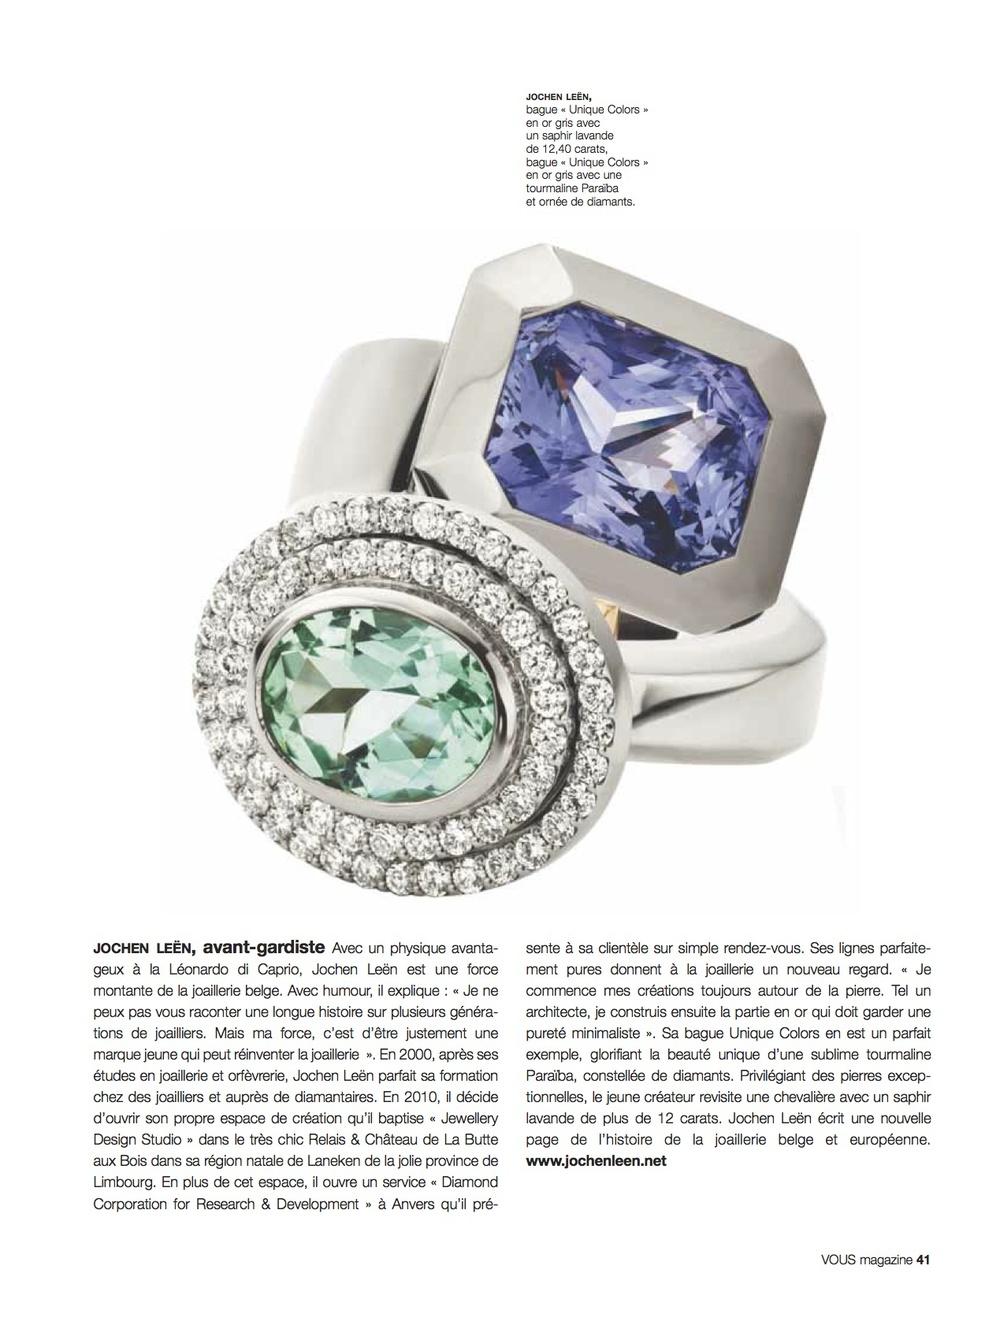 Paris , Vous Magazine 2013